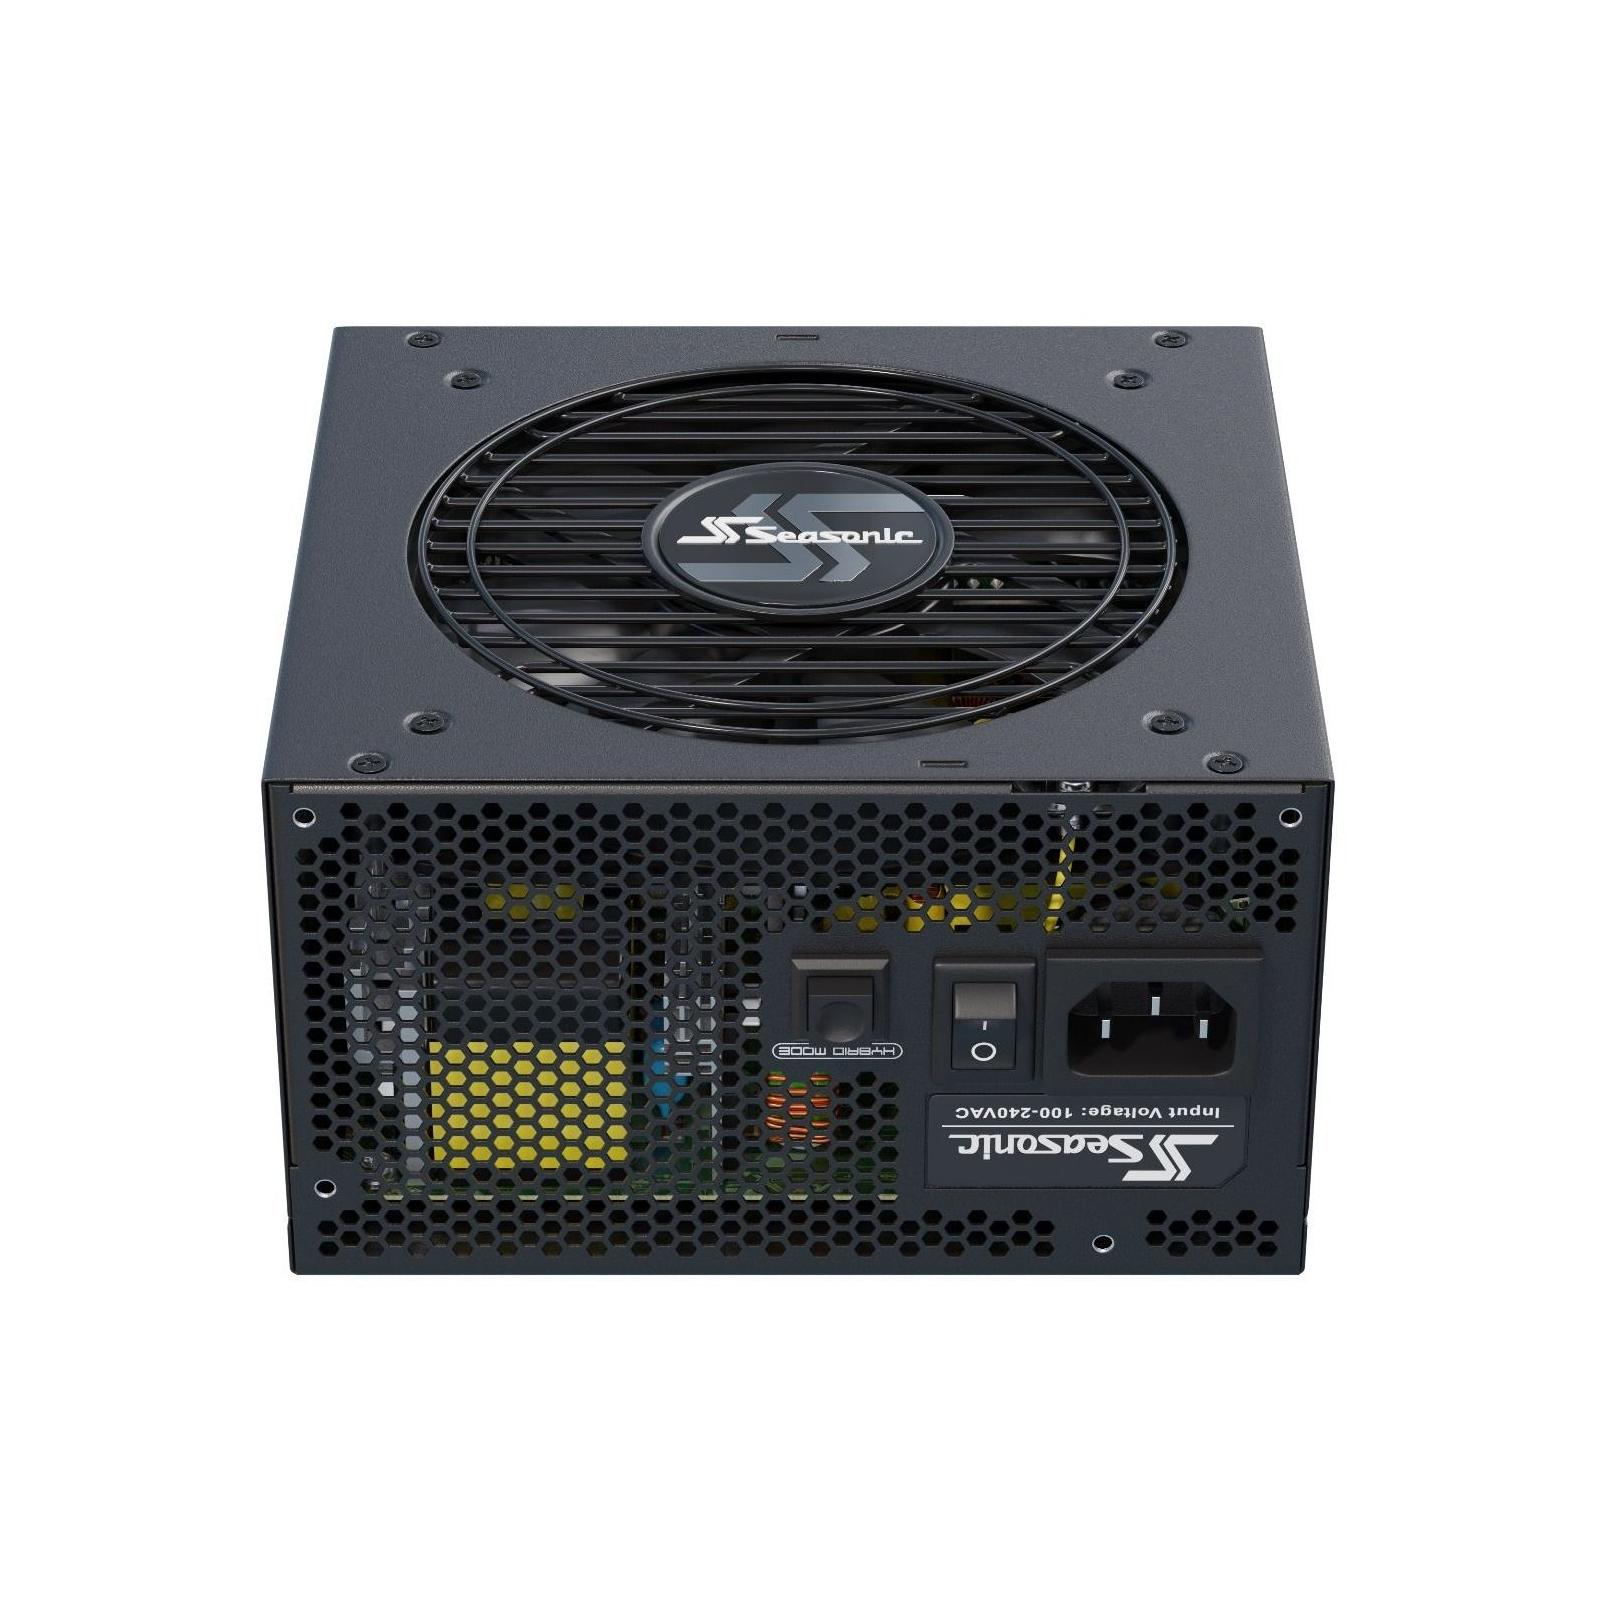 Блок питания Seasonic 650W FOCUS Gold NEW (FOCUS GX-650 (SSR-650FX)) изображение 5